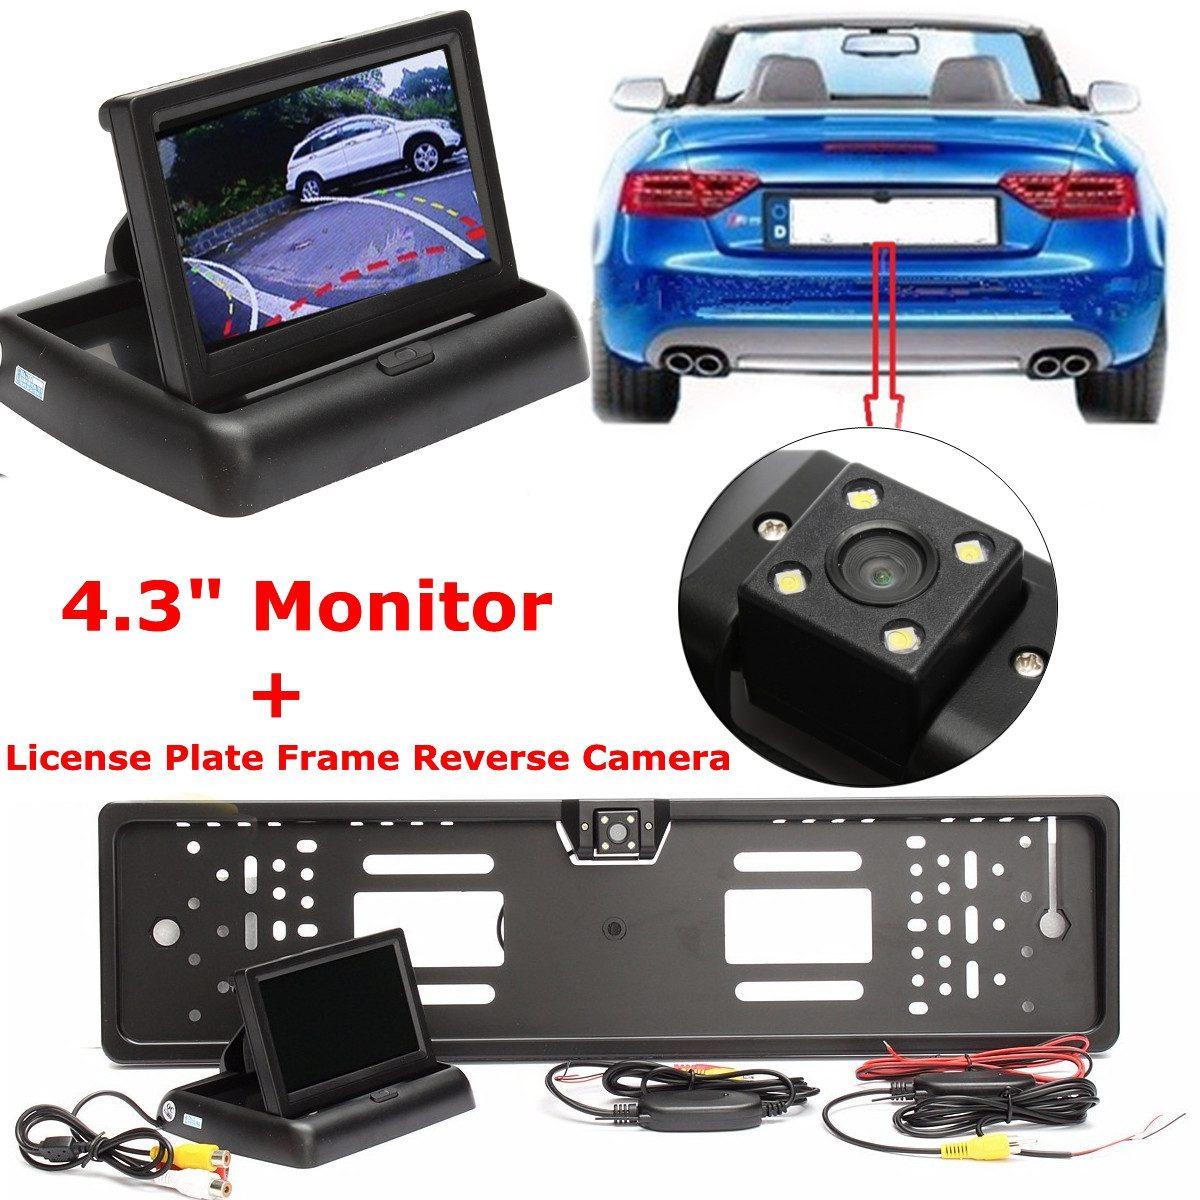 Автомобильный CCD HD светодиодный экран 4,3 монитор для автомобиля, беспроводная рамка для номерного знака, камера заднего вида, комплекты ночного видения, водонепроницаемая